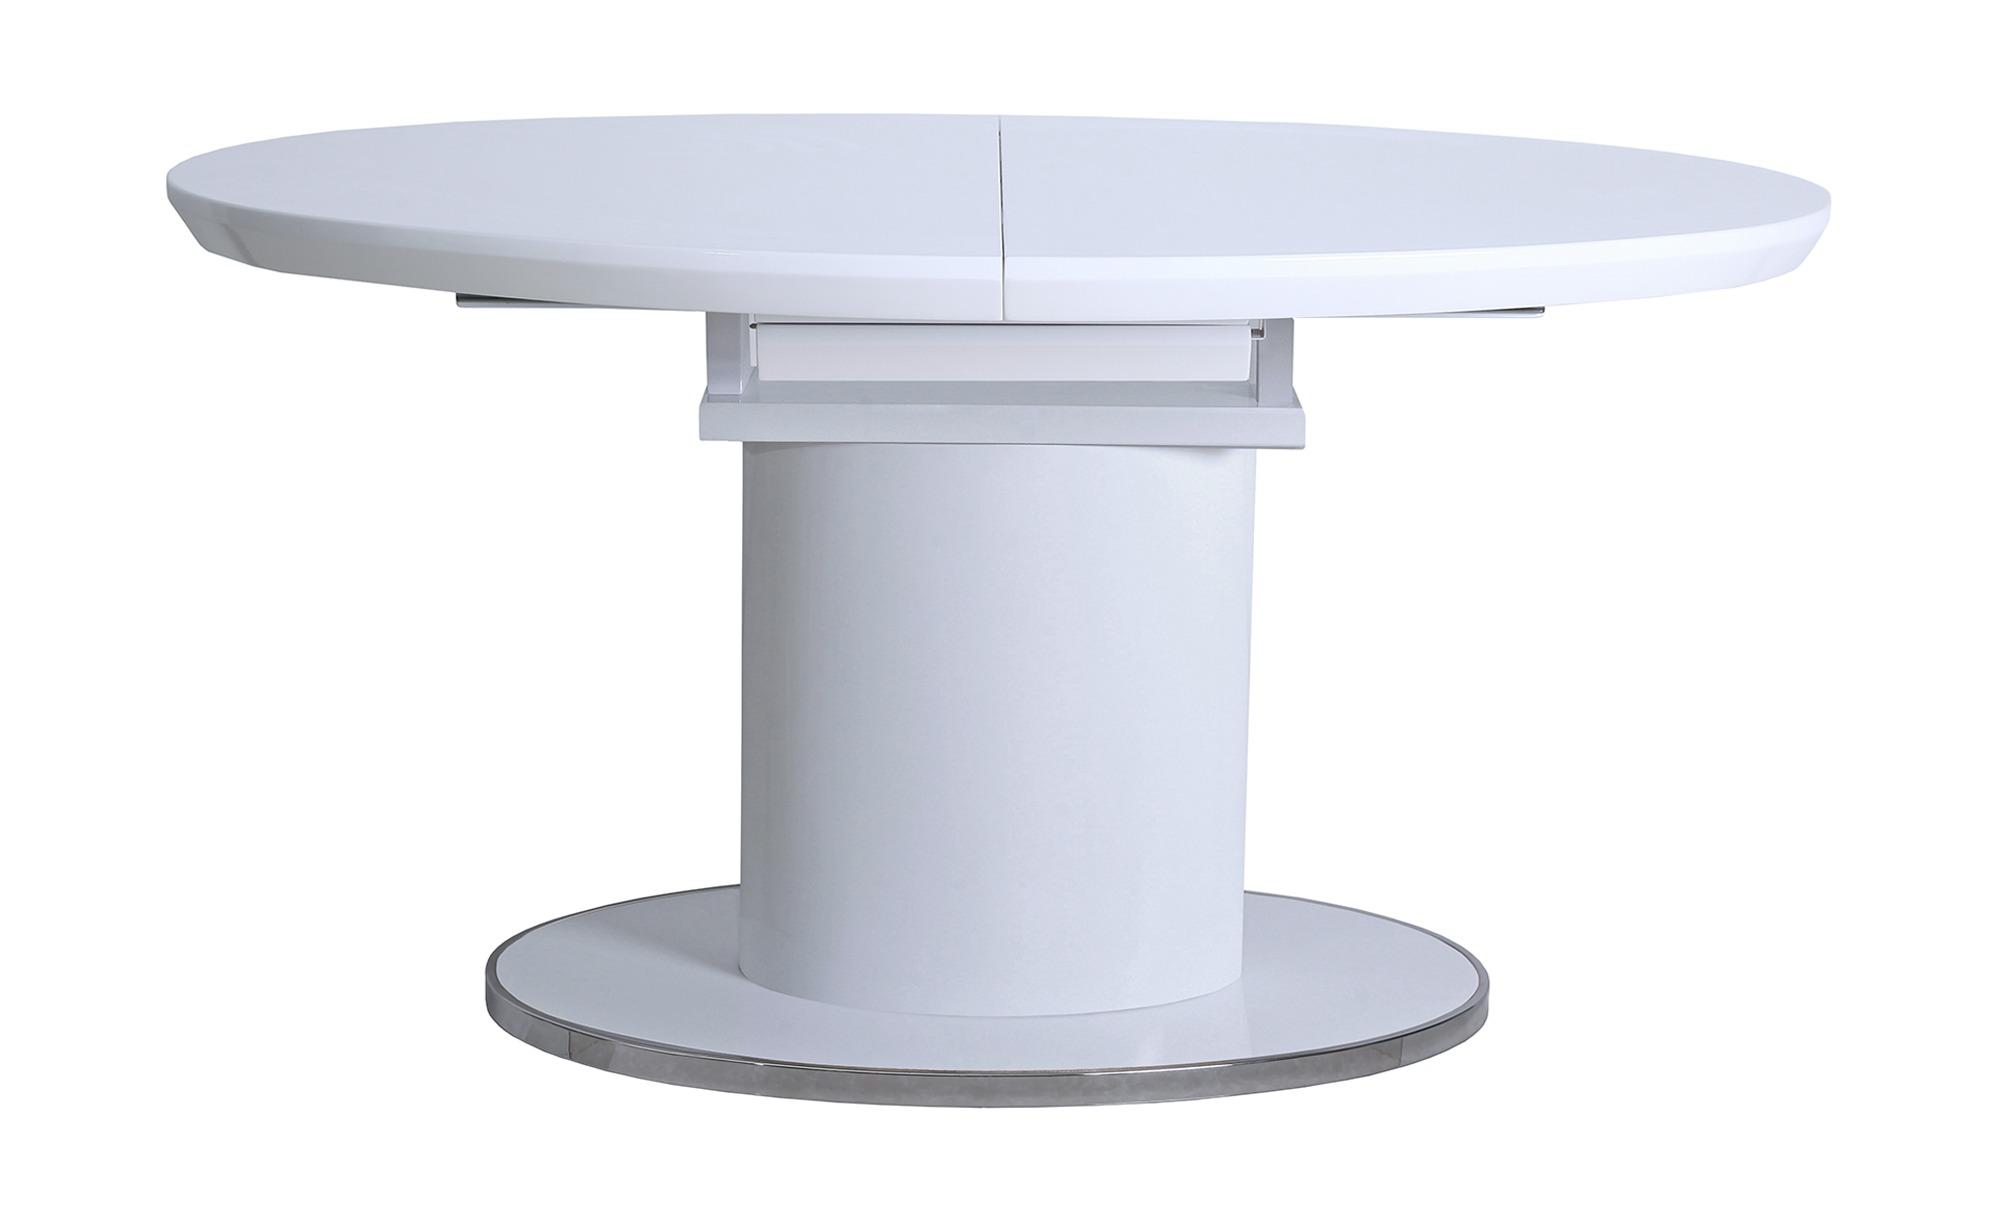 Full Size of Esstisch Weiß Oval Sheesham Massivholz Antik Ovaler Esstische Holz Günstig Ausziehbarer Großer 80x80 Bett 180x200 160x200 Hängeschrank Hochglanz Wohnzimmer Esstische Esstisch Weiß Oval